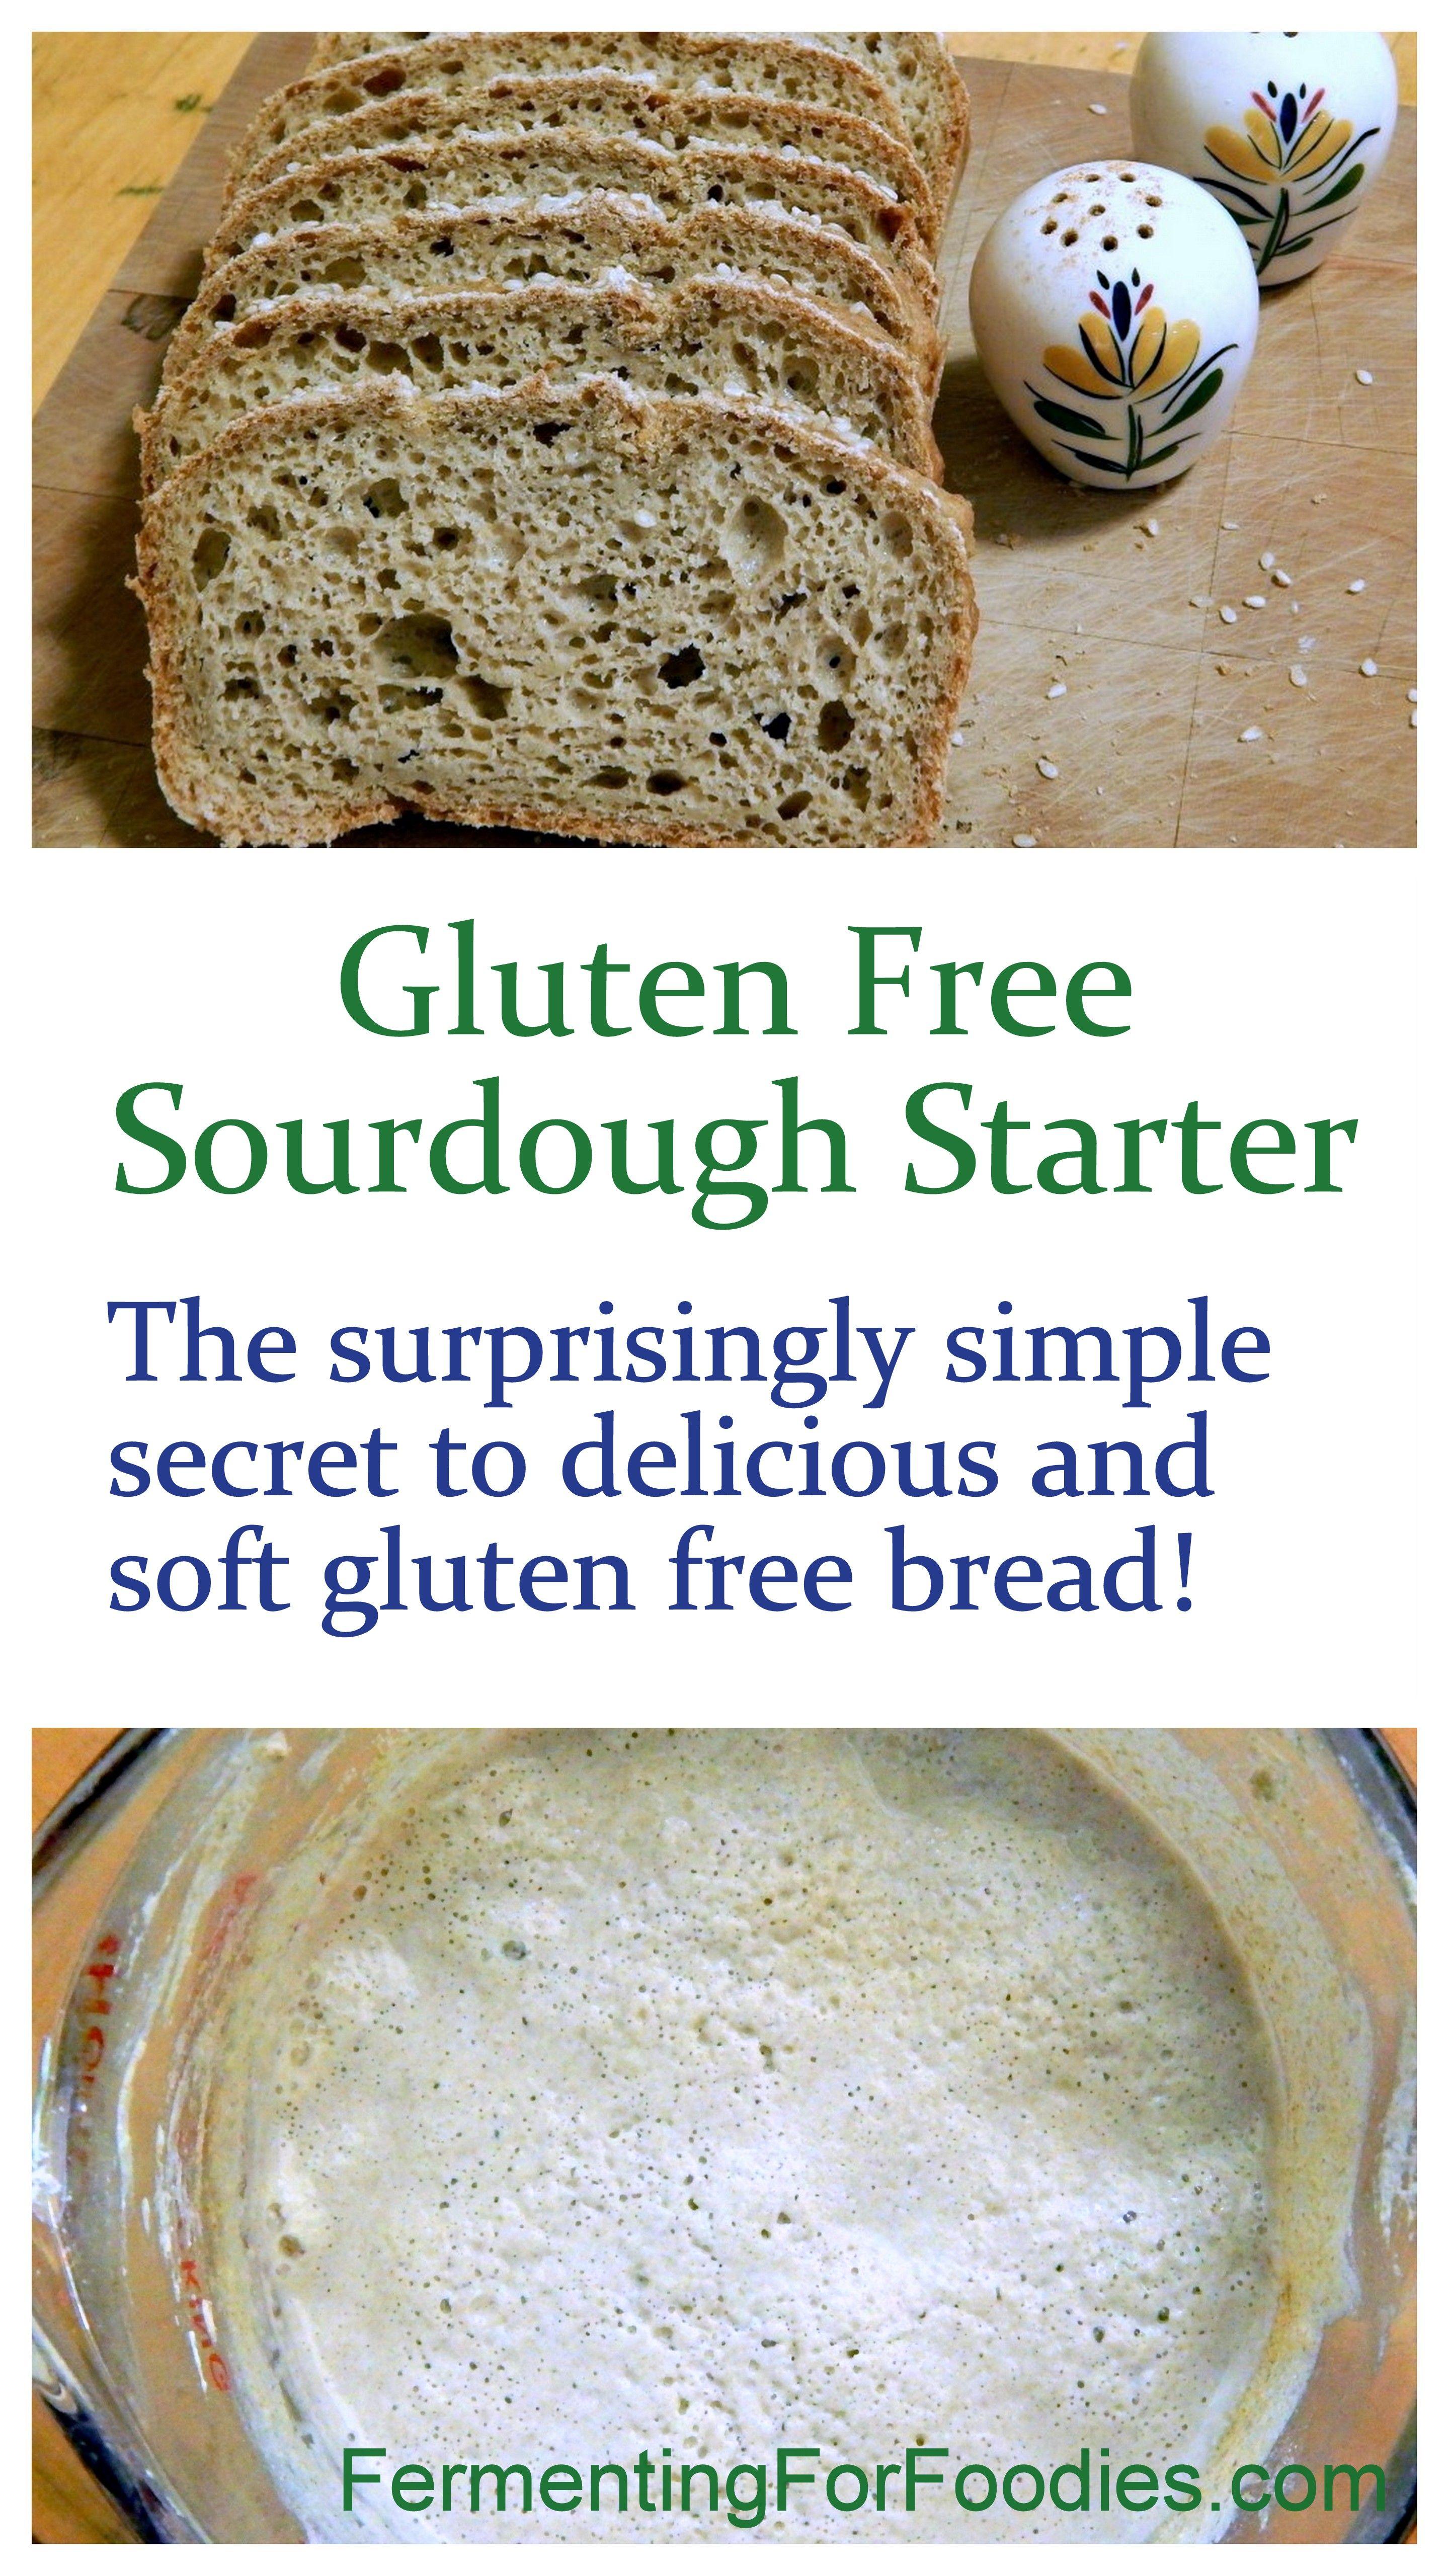 Gluten Free Sourdough Starter Fermenting For Foodies Recipe Gluten Free Sourdough Gluten Free Sourdough Starter Gluten Free Bread